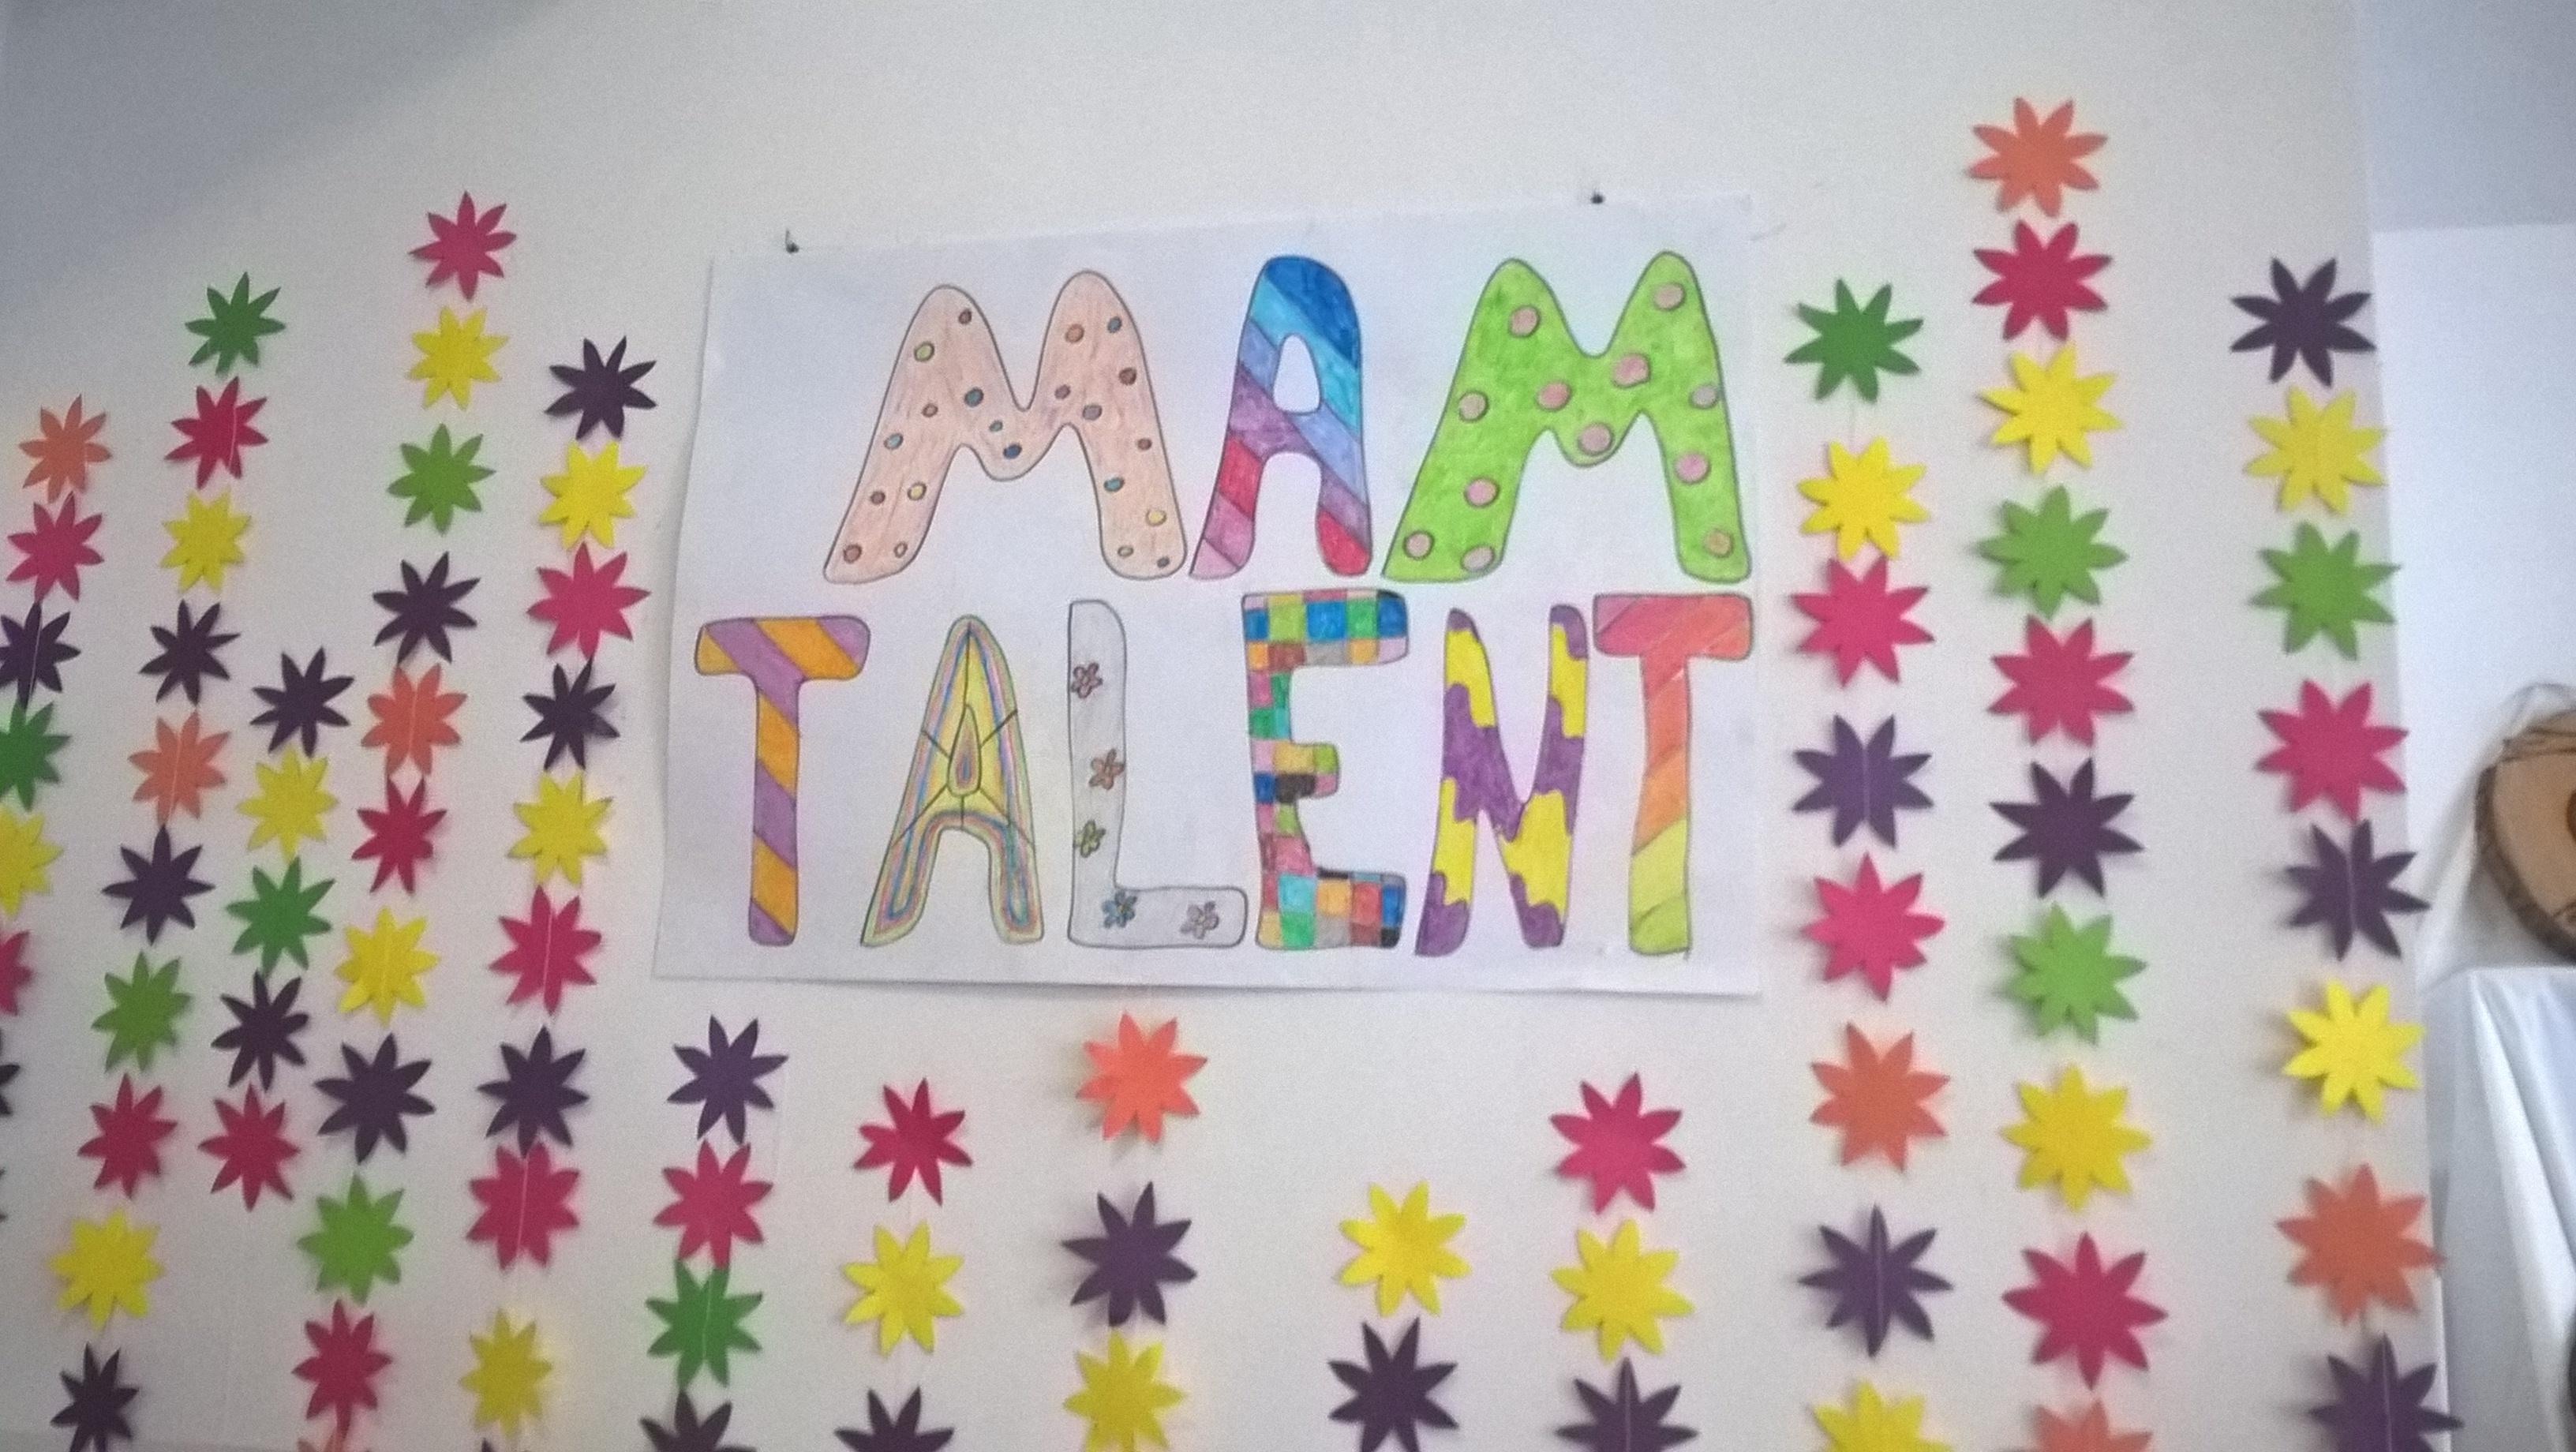 2017.07.25 - Mam Talent 1